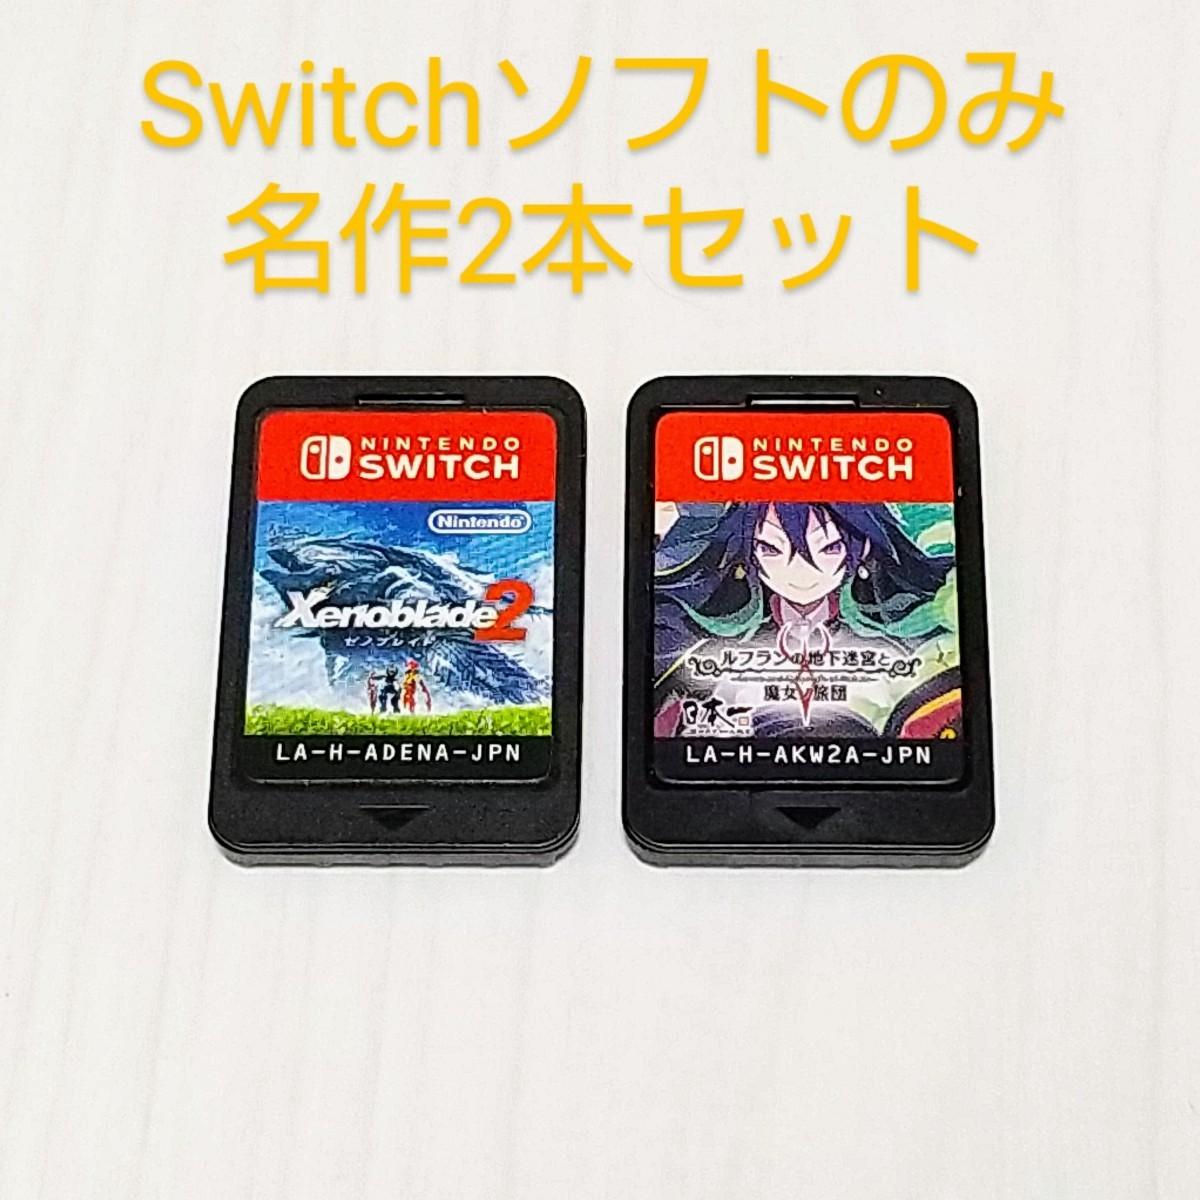 Switchソフトのみ2本セット ゼノブレイド2 ルフランの地下迷宮と魔女ノ旅団 ニンテンドースイッチ